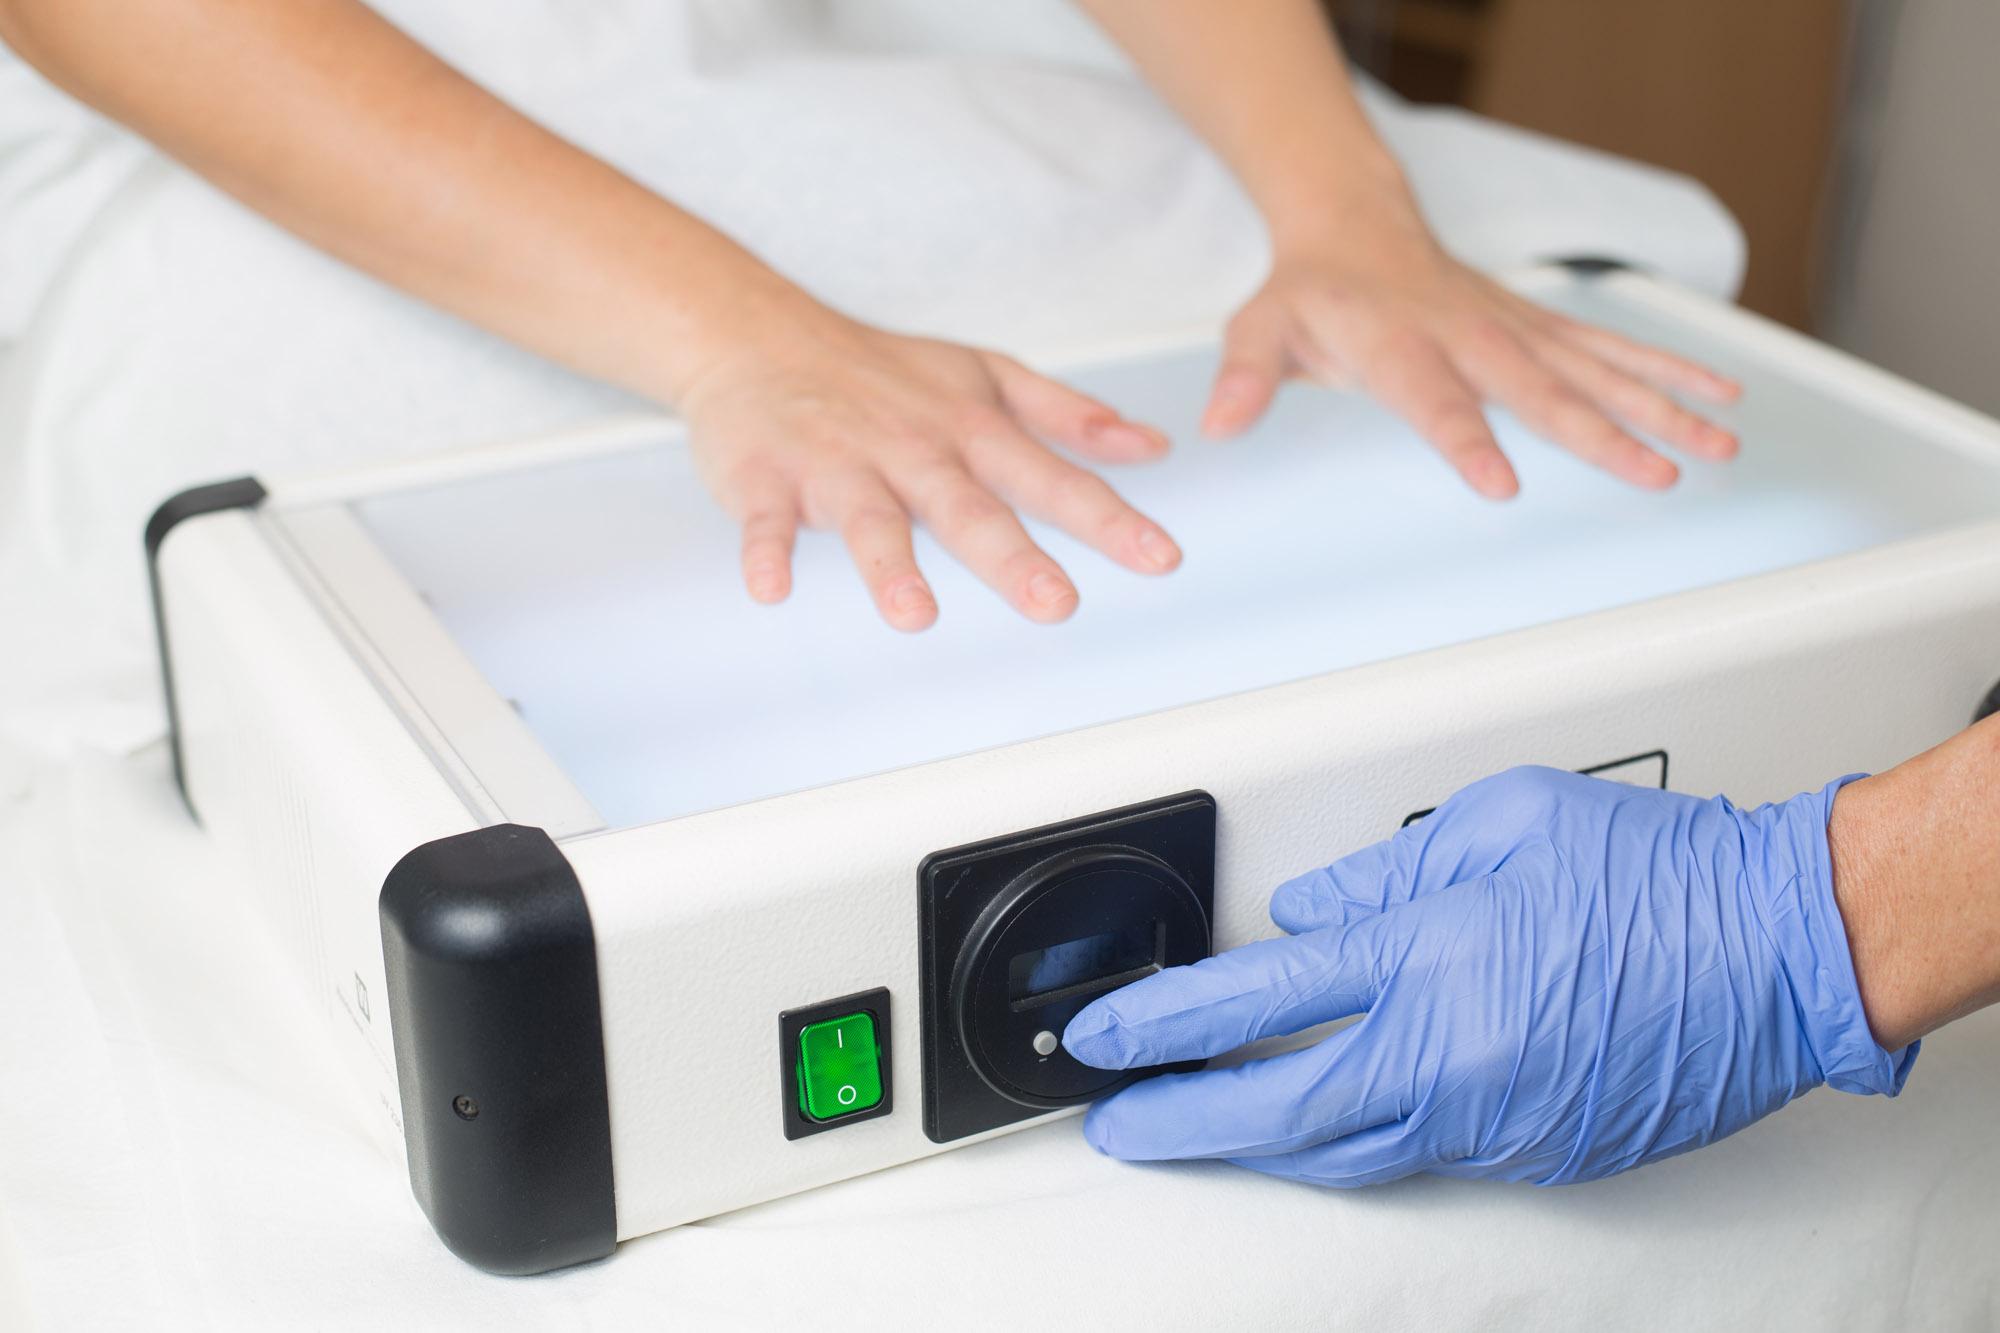 pikkelysömör uvb fényterápia - Természetes krém dermatitisz, ekcéma és psoriasis kezelésére